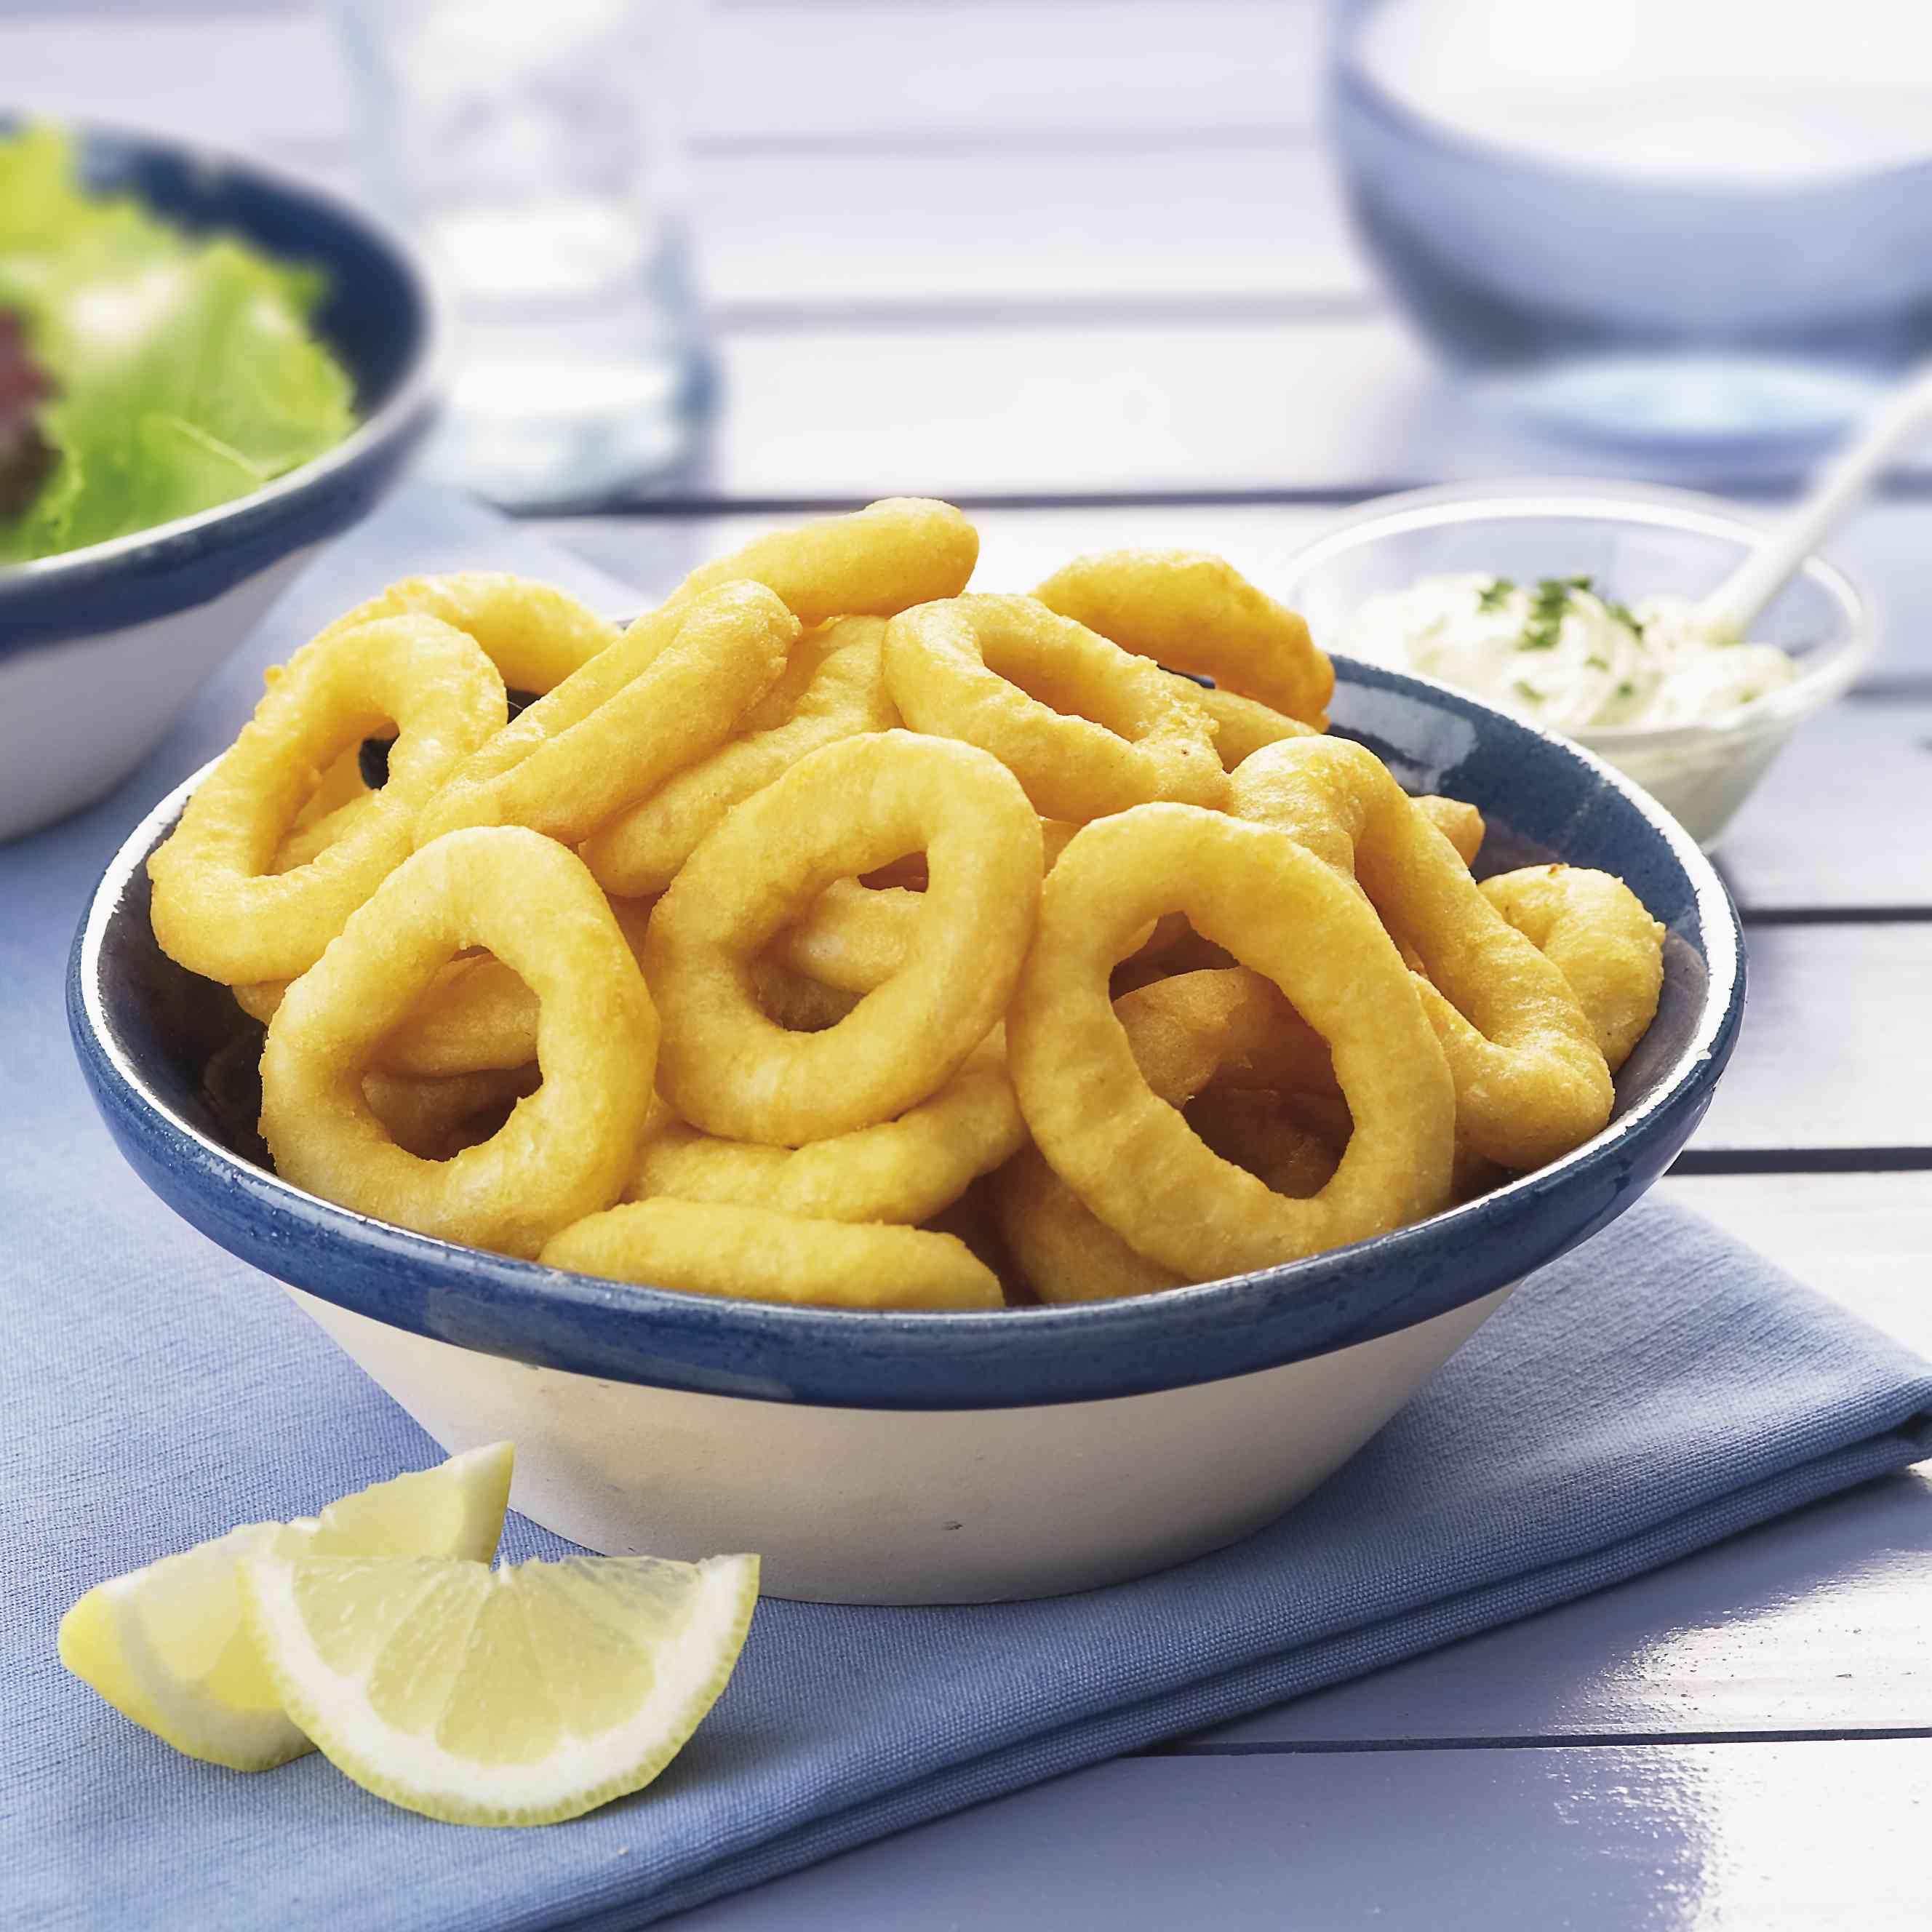 Calamares alimentos malos para el colesterol alto